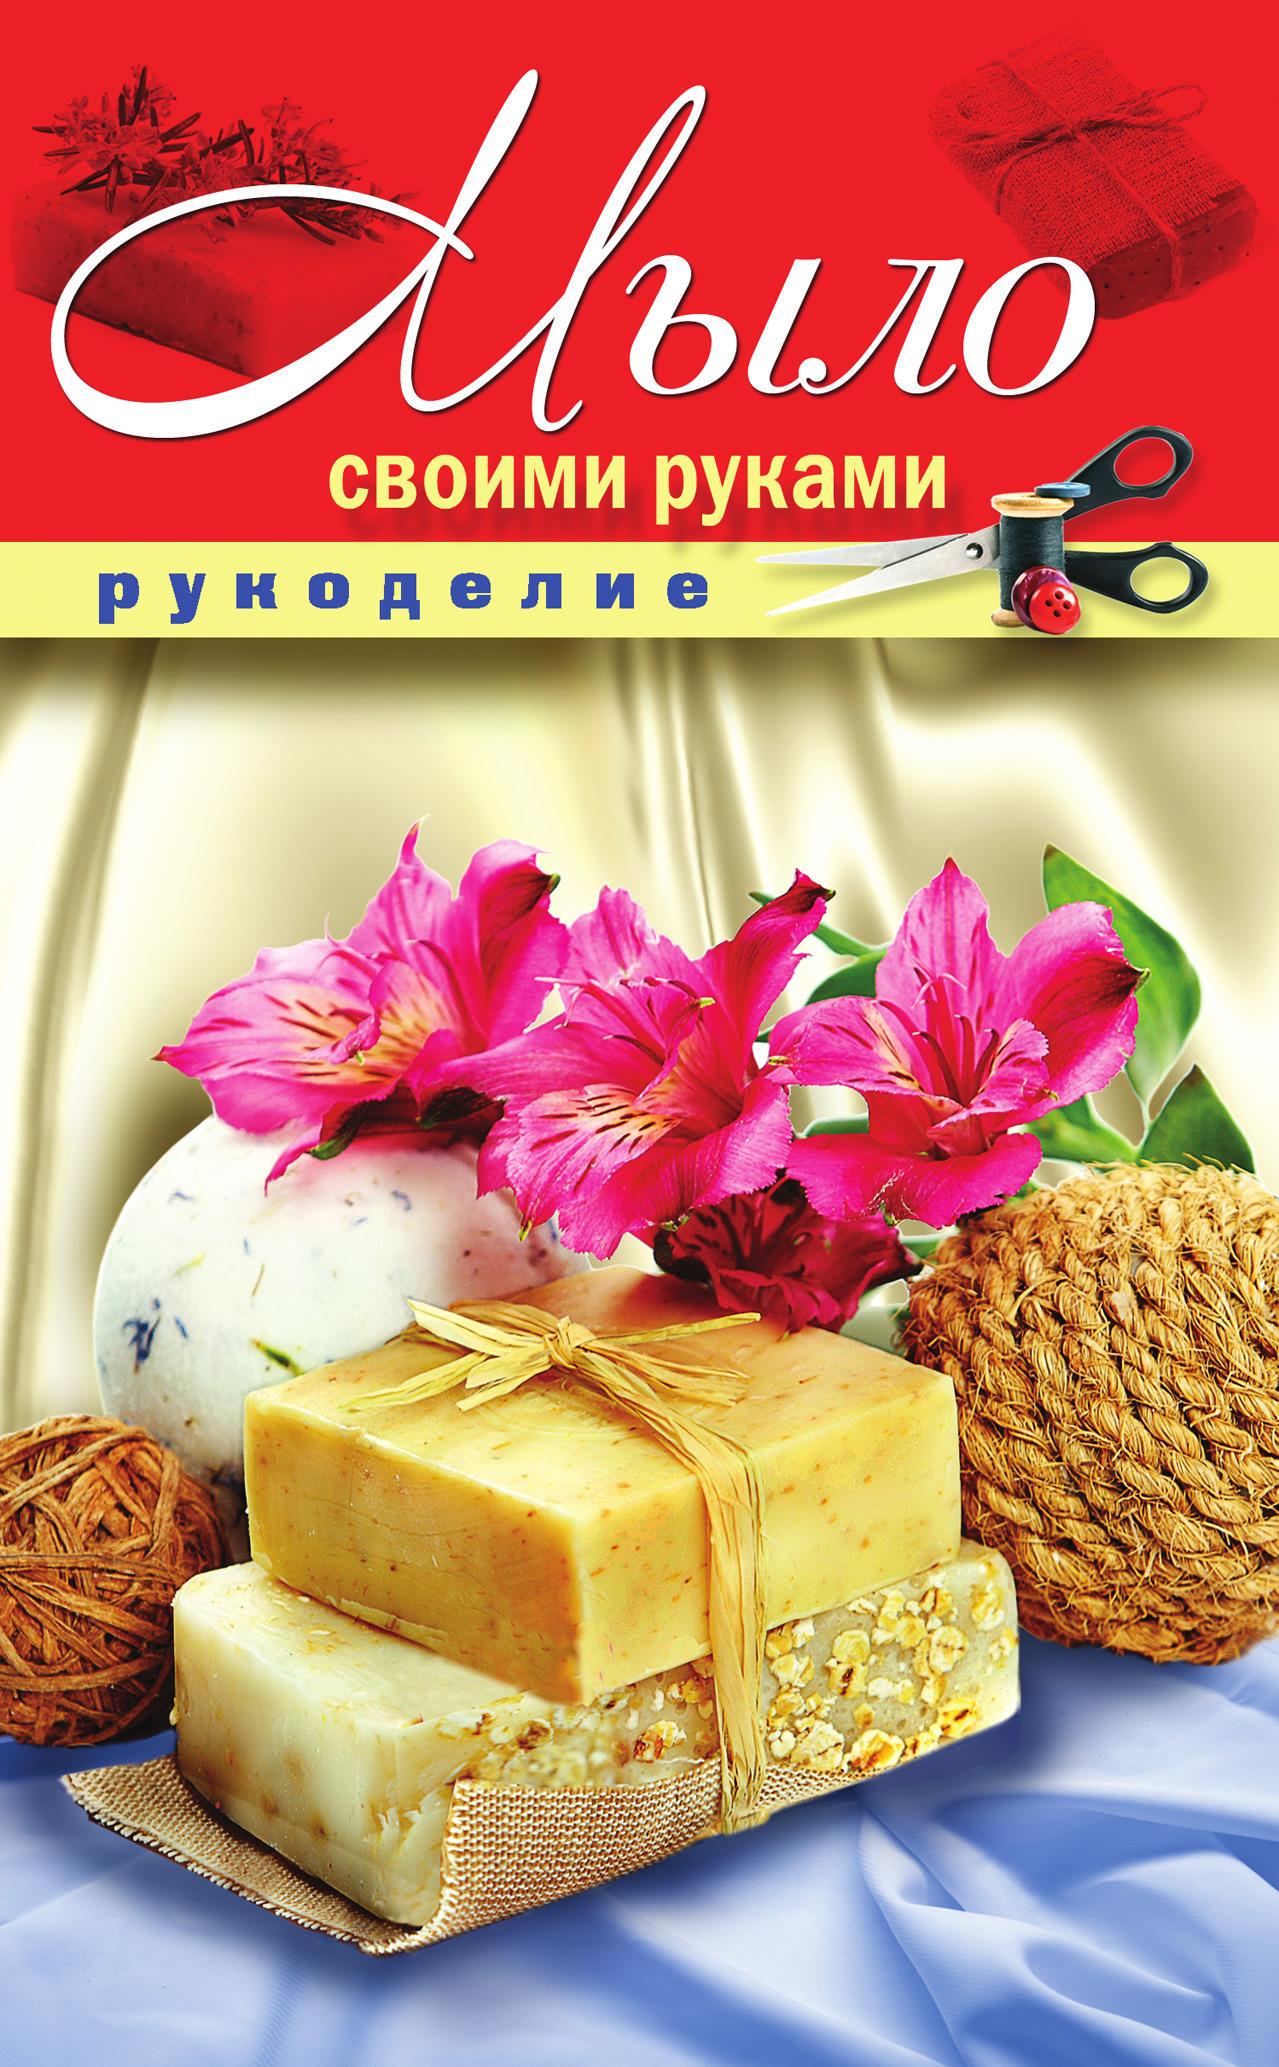 Елена Шилкова Мыло своими руками елена шилкова бижутерия и украшения своими руками